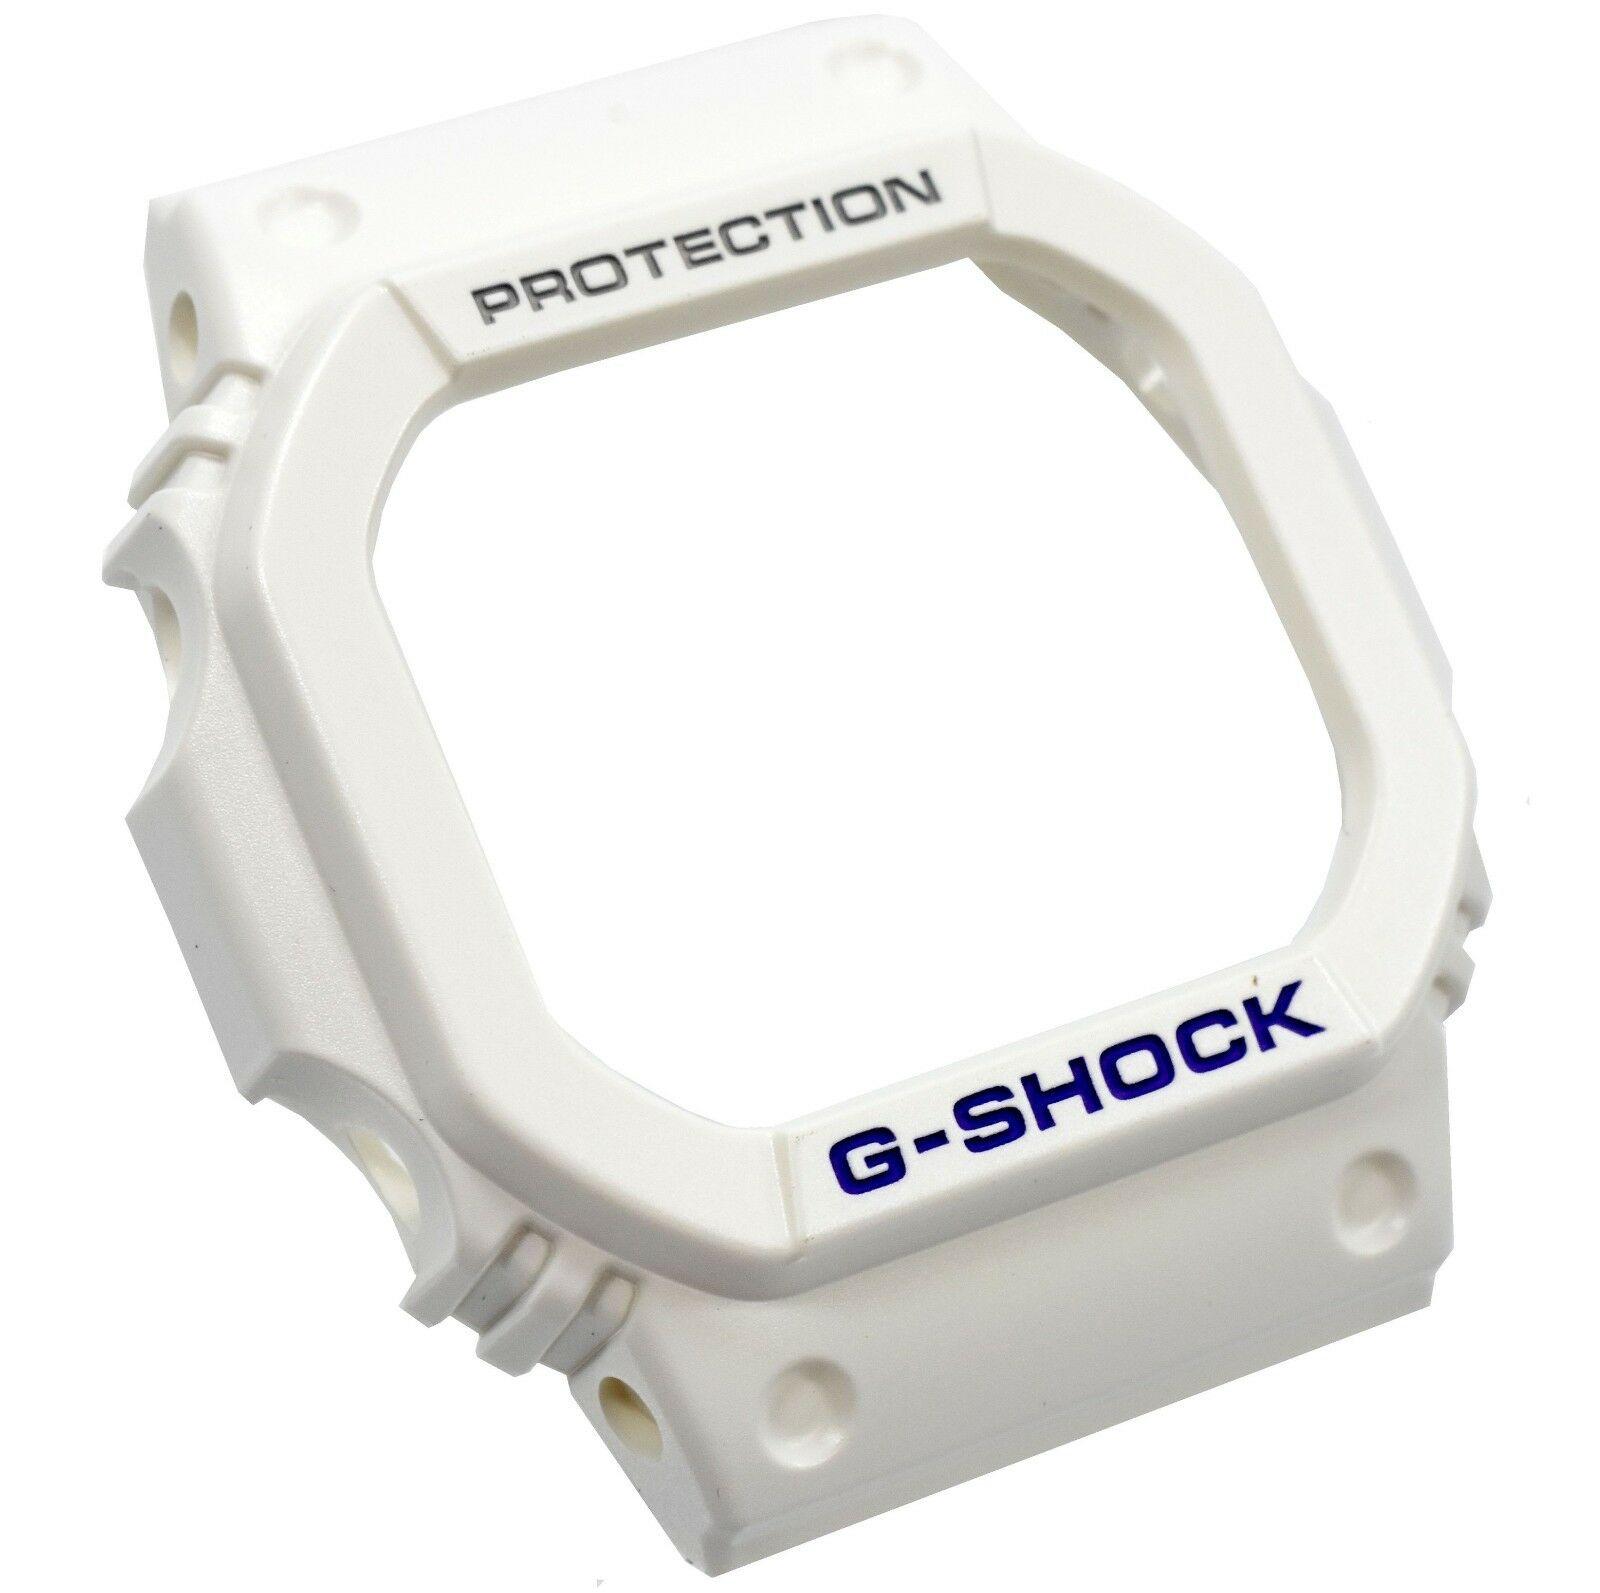 Bezel Capa G-shock Branco FOSCO GW-M5600A-7 G-5600A-7 - PEÇA ORIGINAL  - E-Presentes